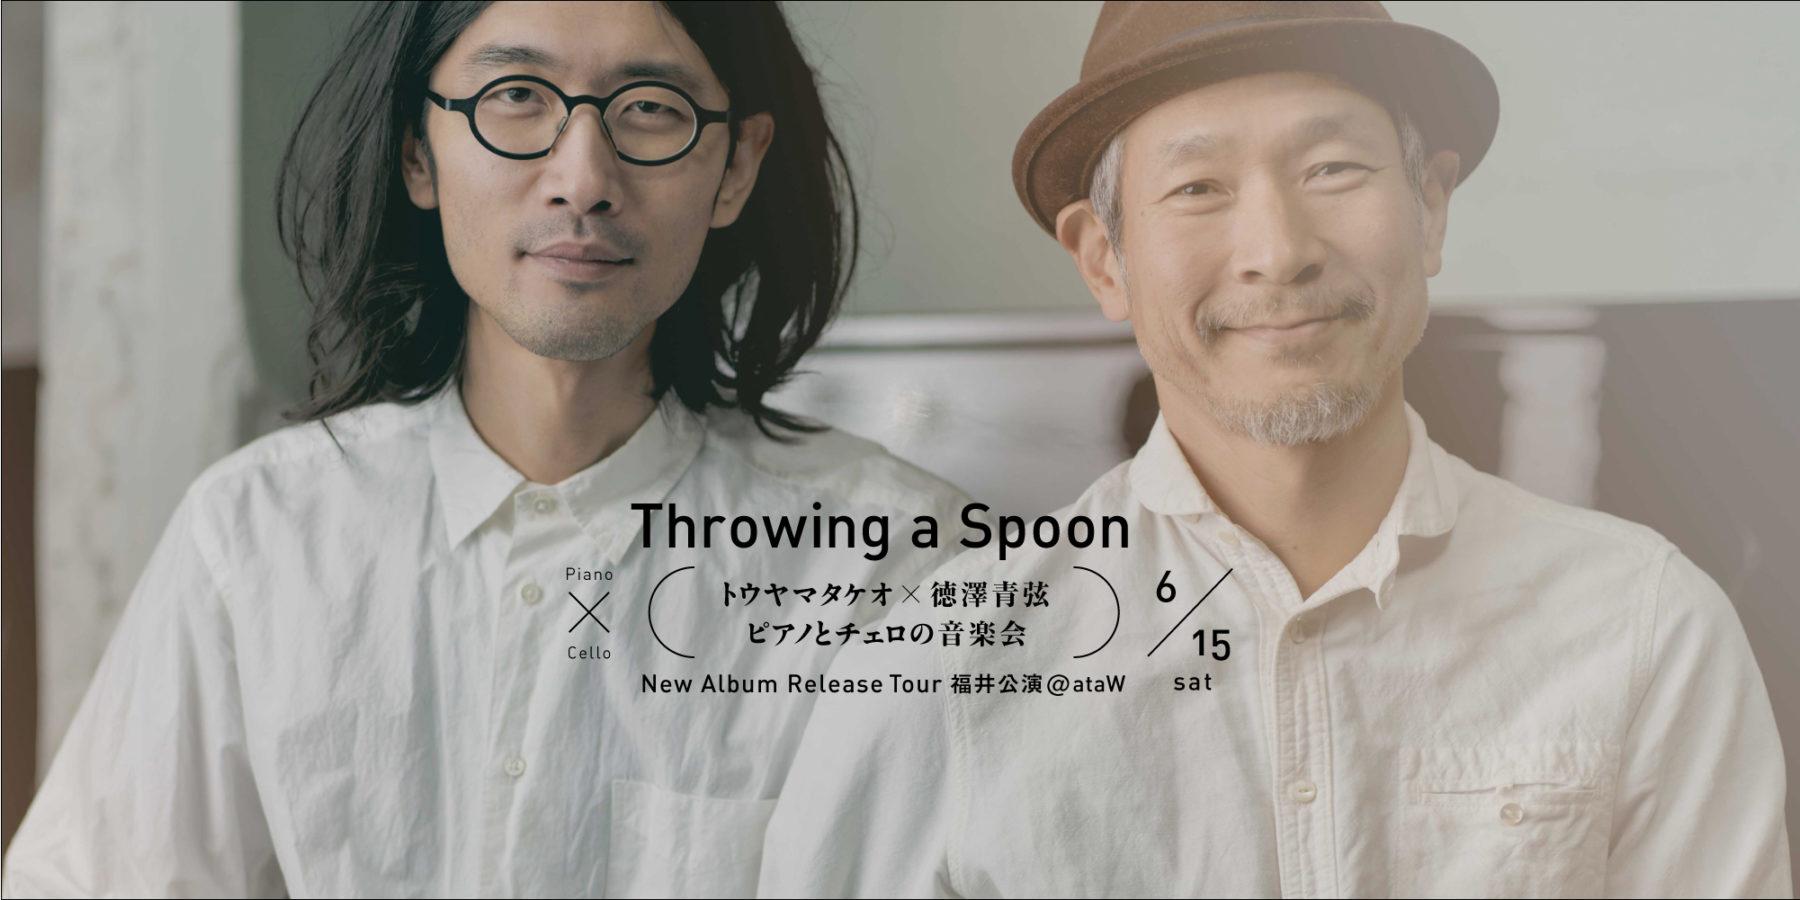 チェリストの徳澤青弦とピアニストのトウヤマタケオによるデュオ「Throwing a Spoon」のアルバムリリースツアー福井公演が『ataW』にて開催